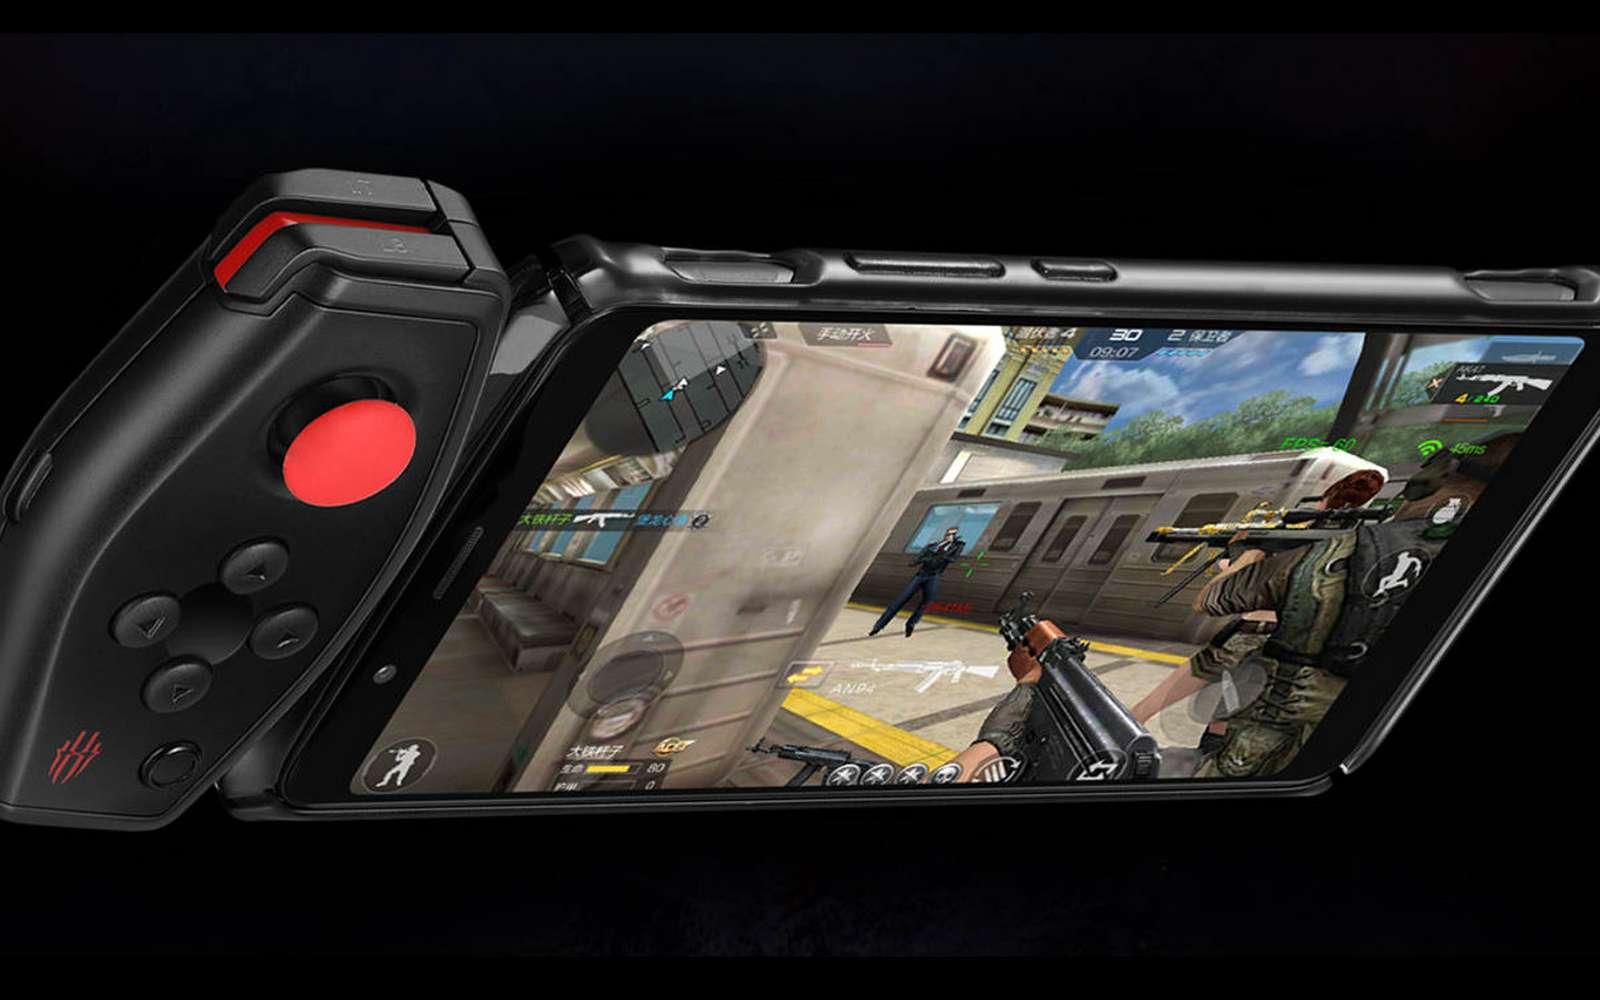 Pour jouer, deux solutions : les gâchettes tactiles sur le dessus de l'appareil ou un accessoire qui se connecte sur le smartphone © ZTE